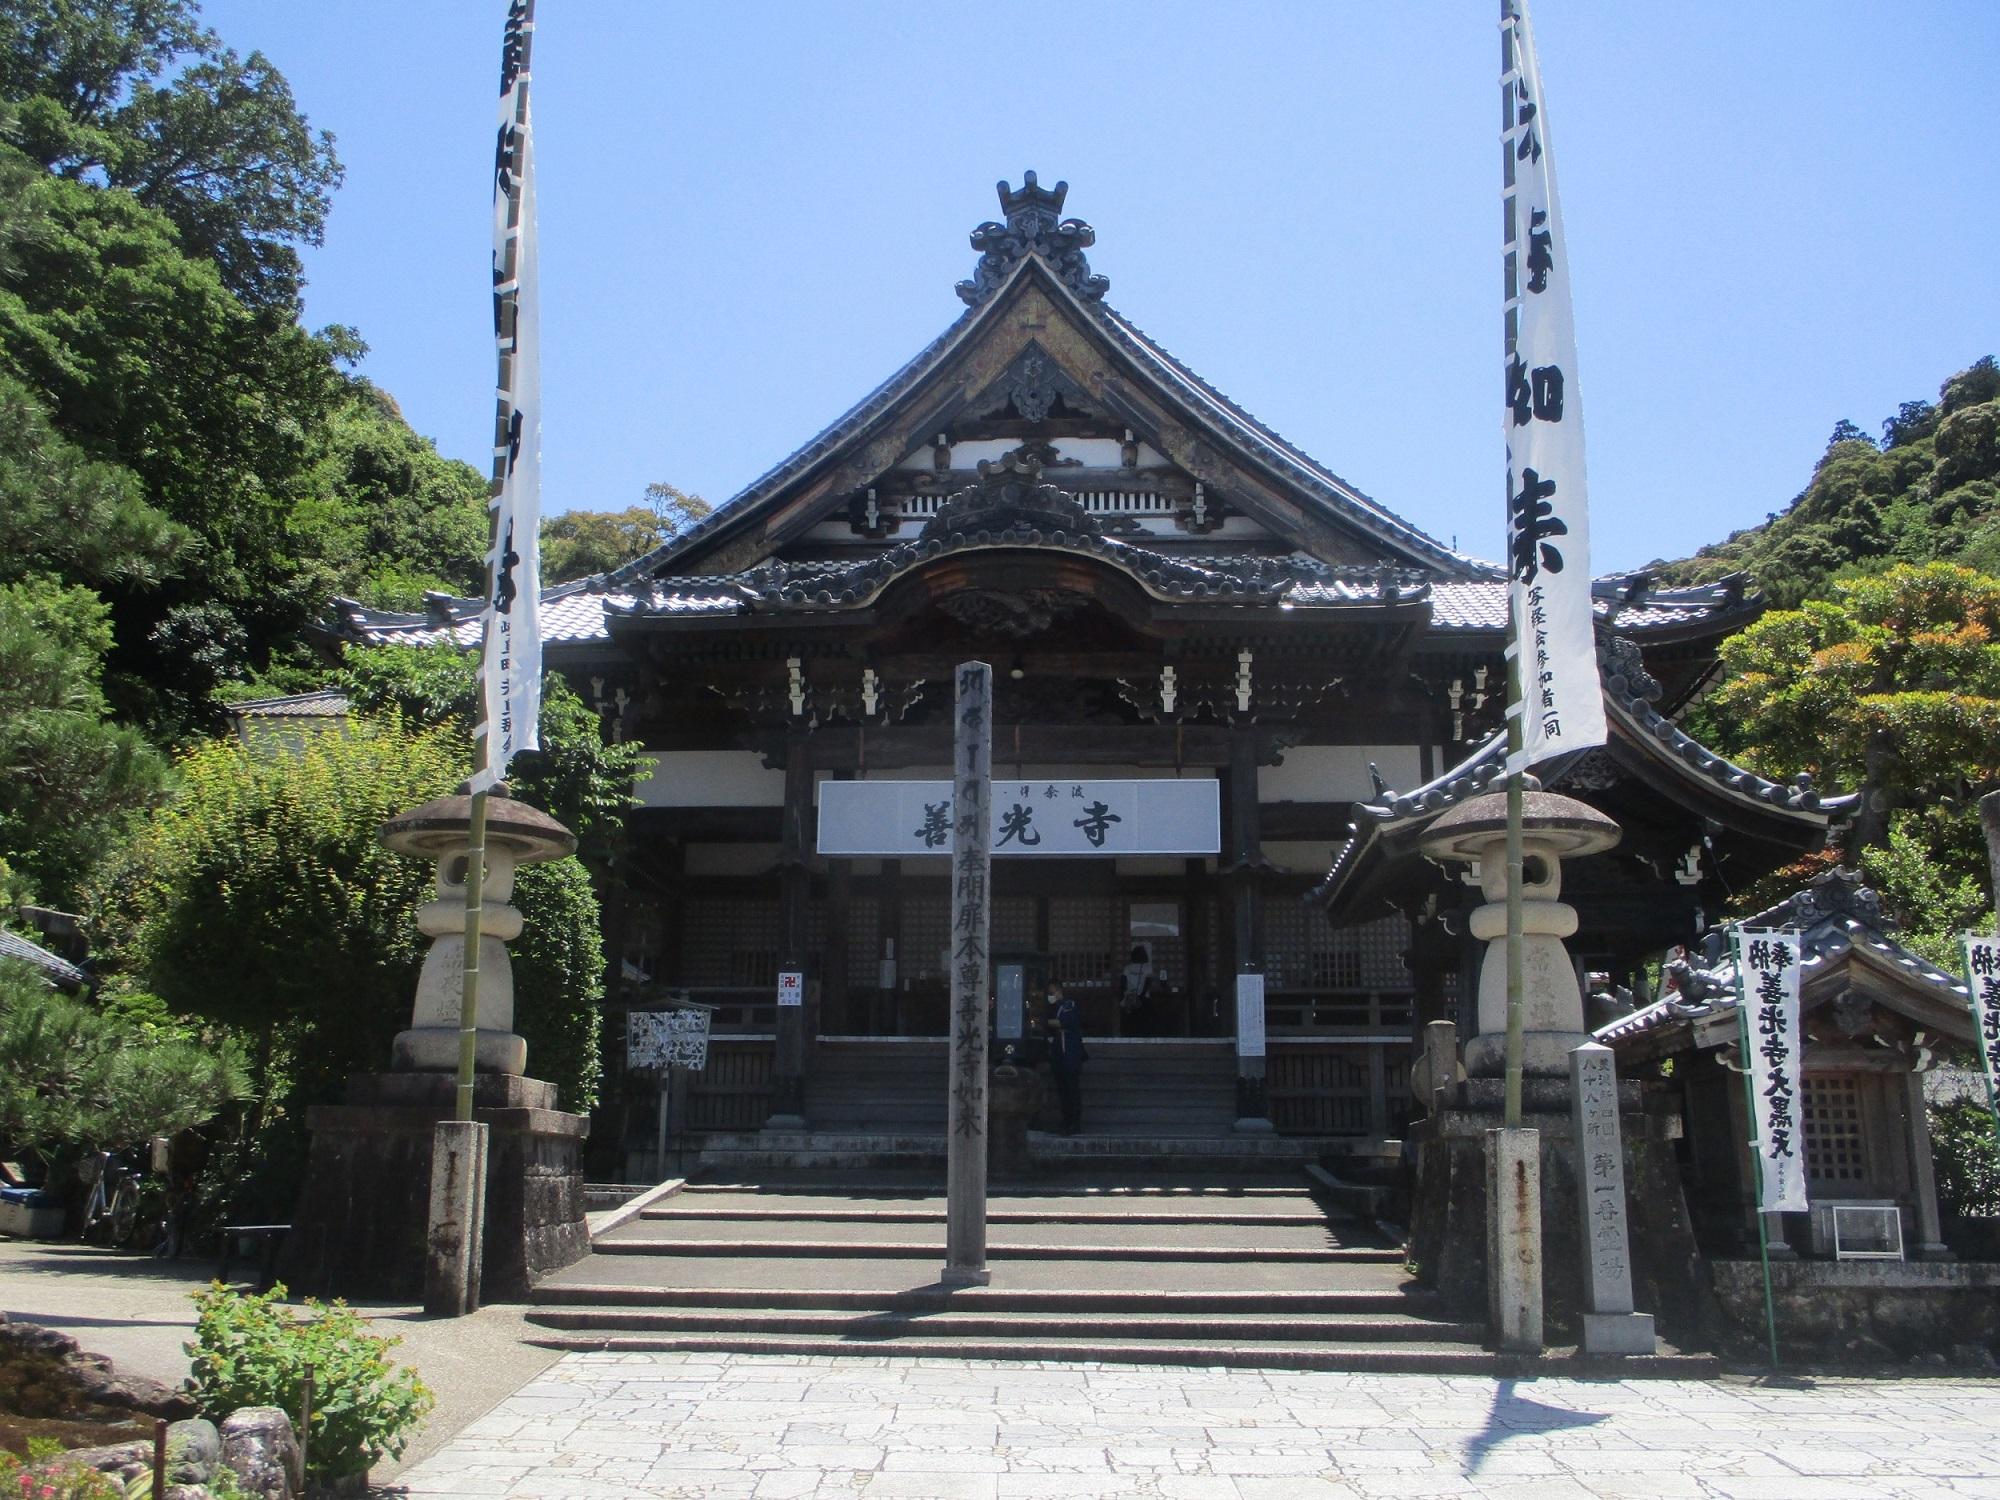 2020.6.7 (10) 岐阜善光寺 2000-1500